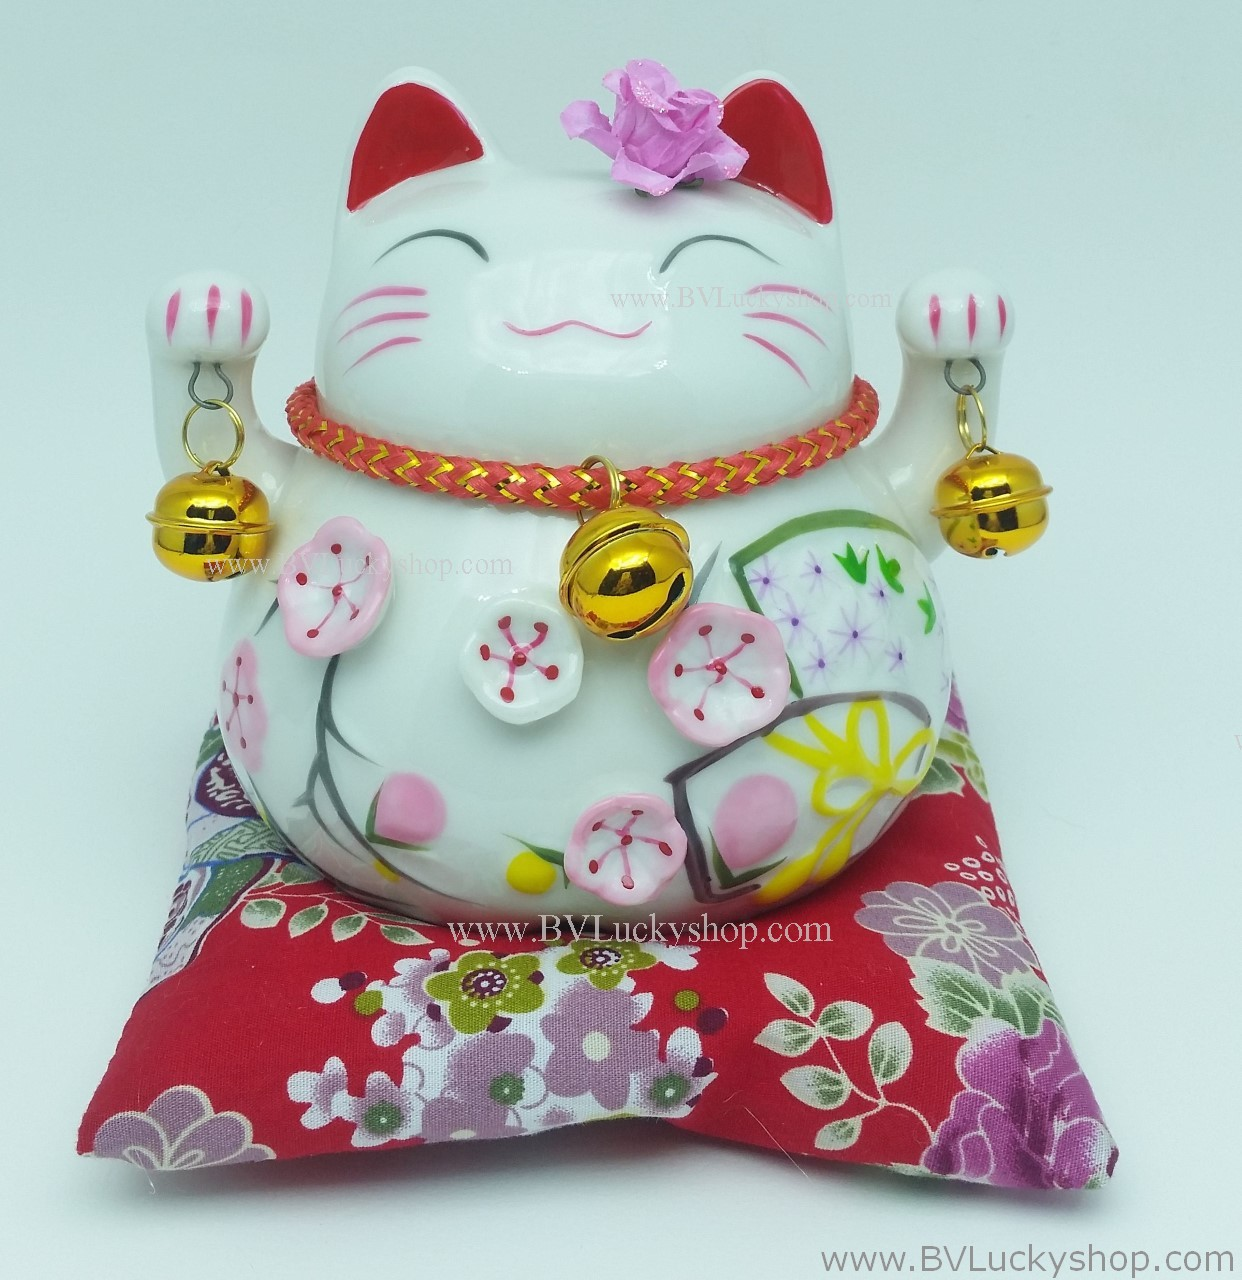 แมวอ้วน แมวกวัก แมวนำโชค สูง 4.5 นิ้ว กวัก2มือ [A0501]